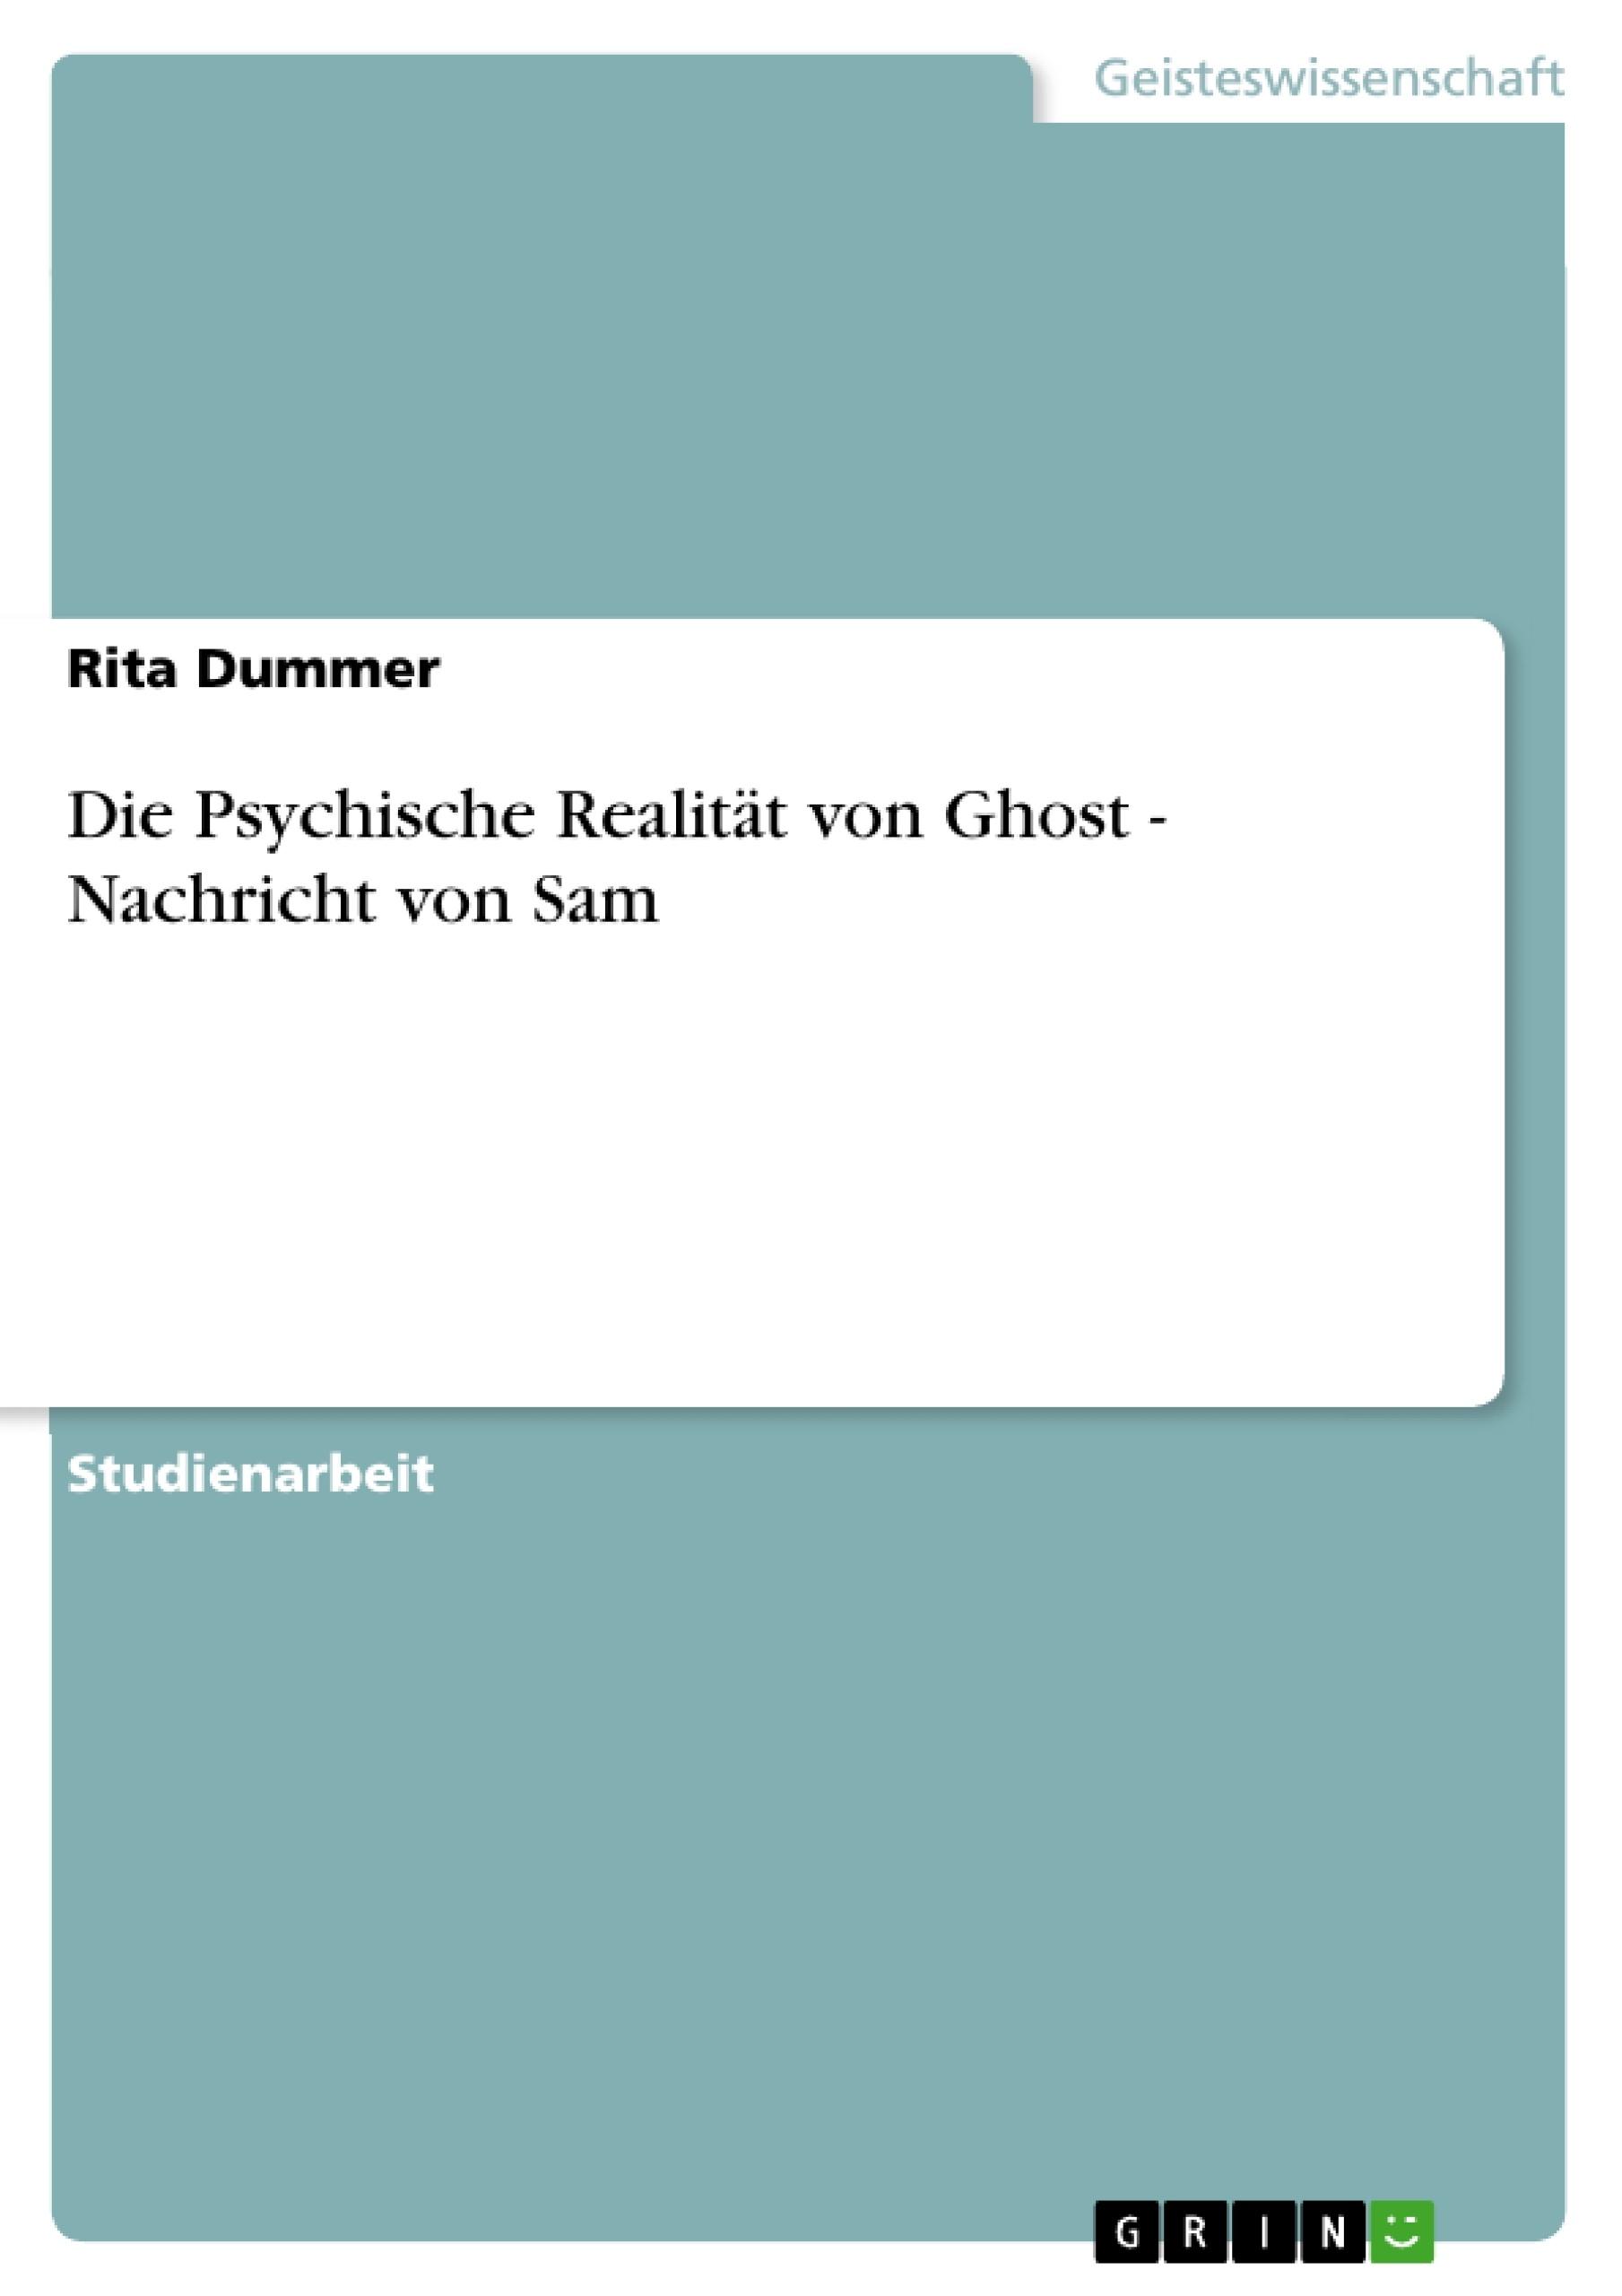 Titel: Die Psychische Realität von Ghost - Nachricht von Sam